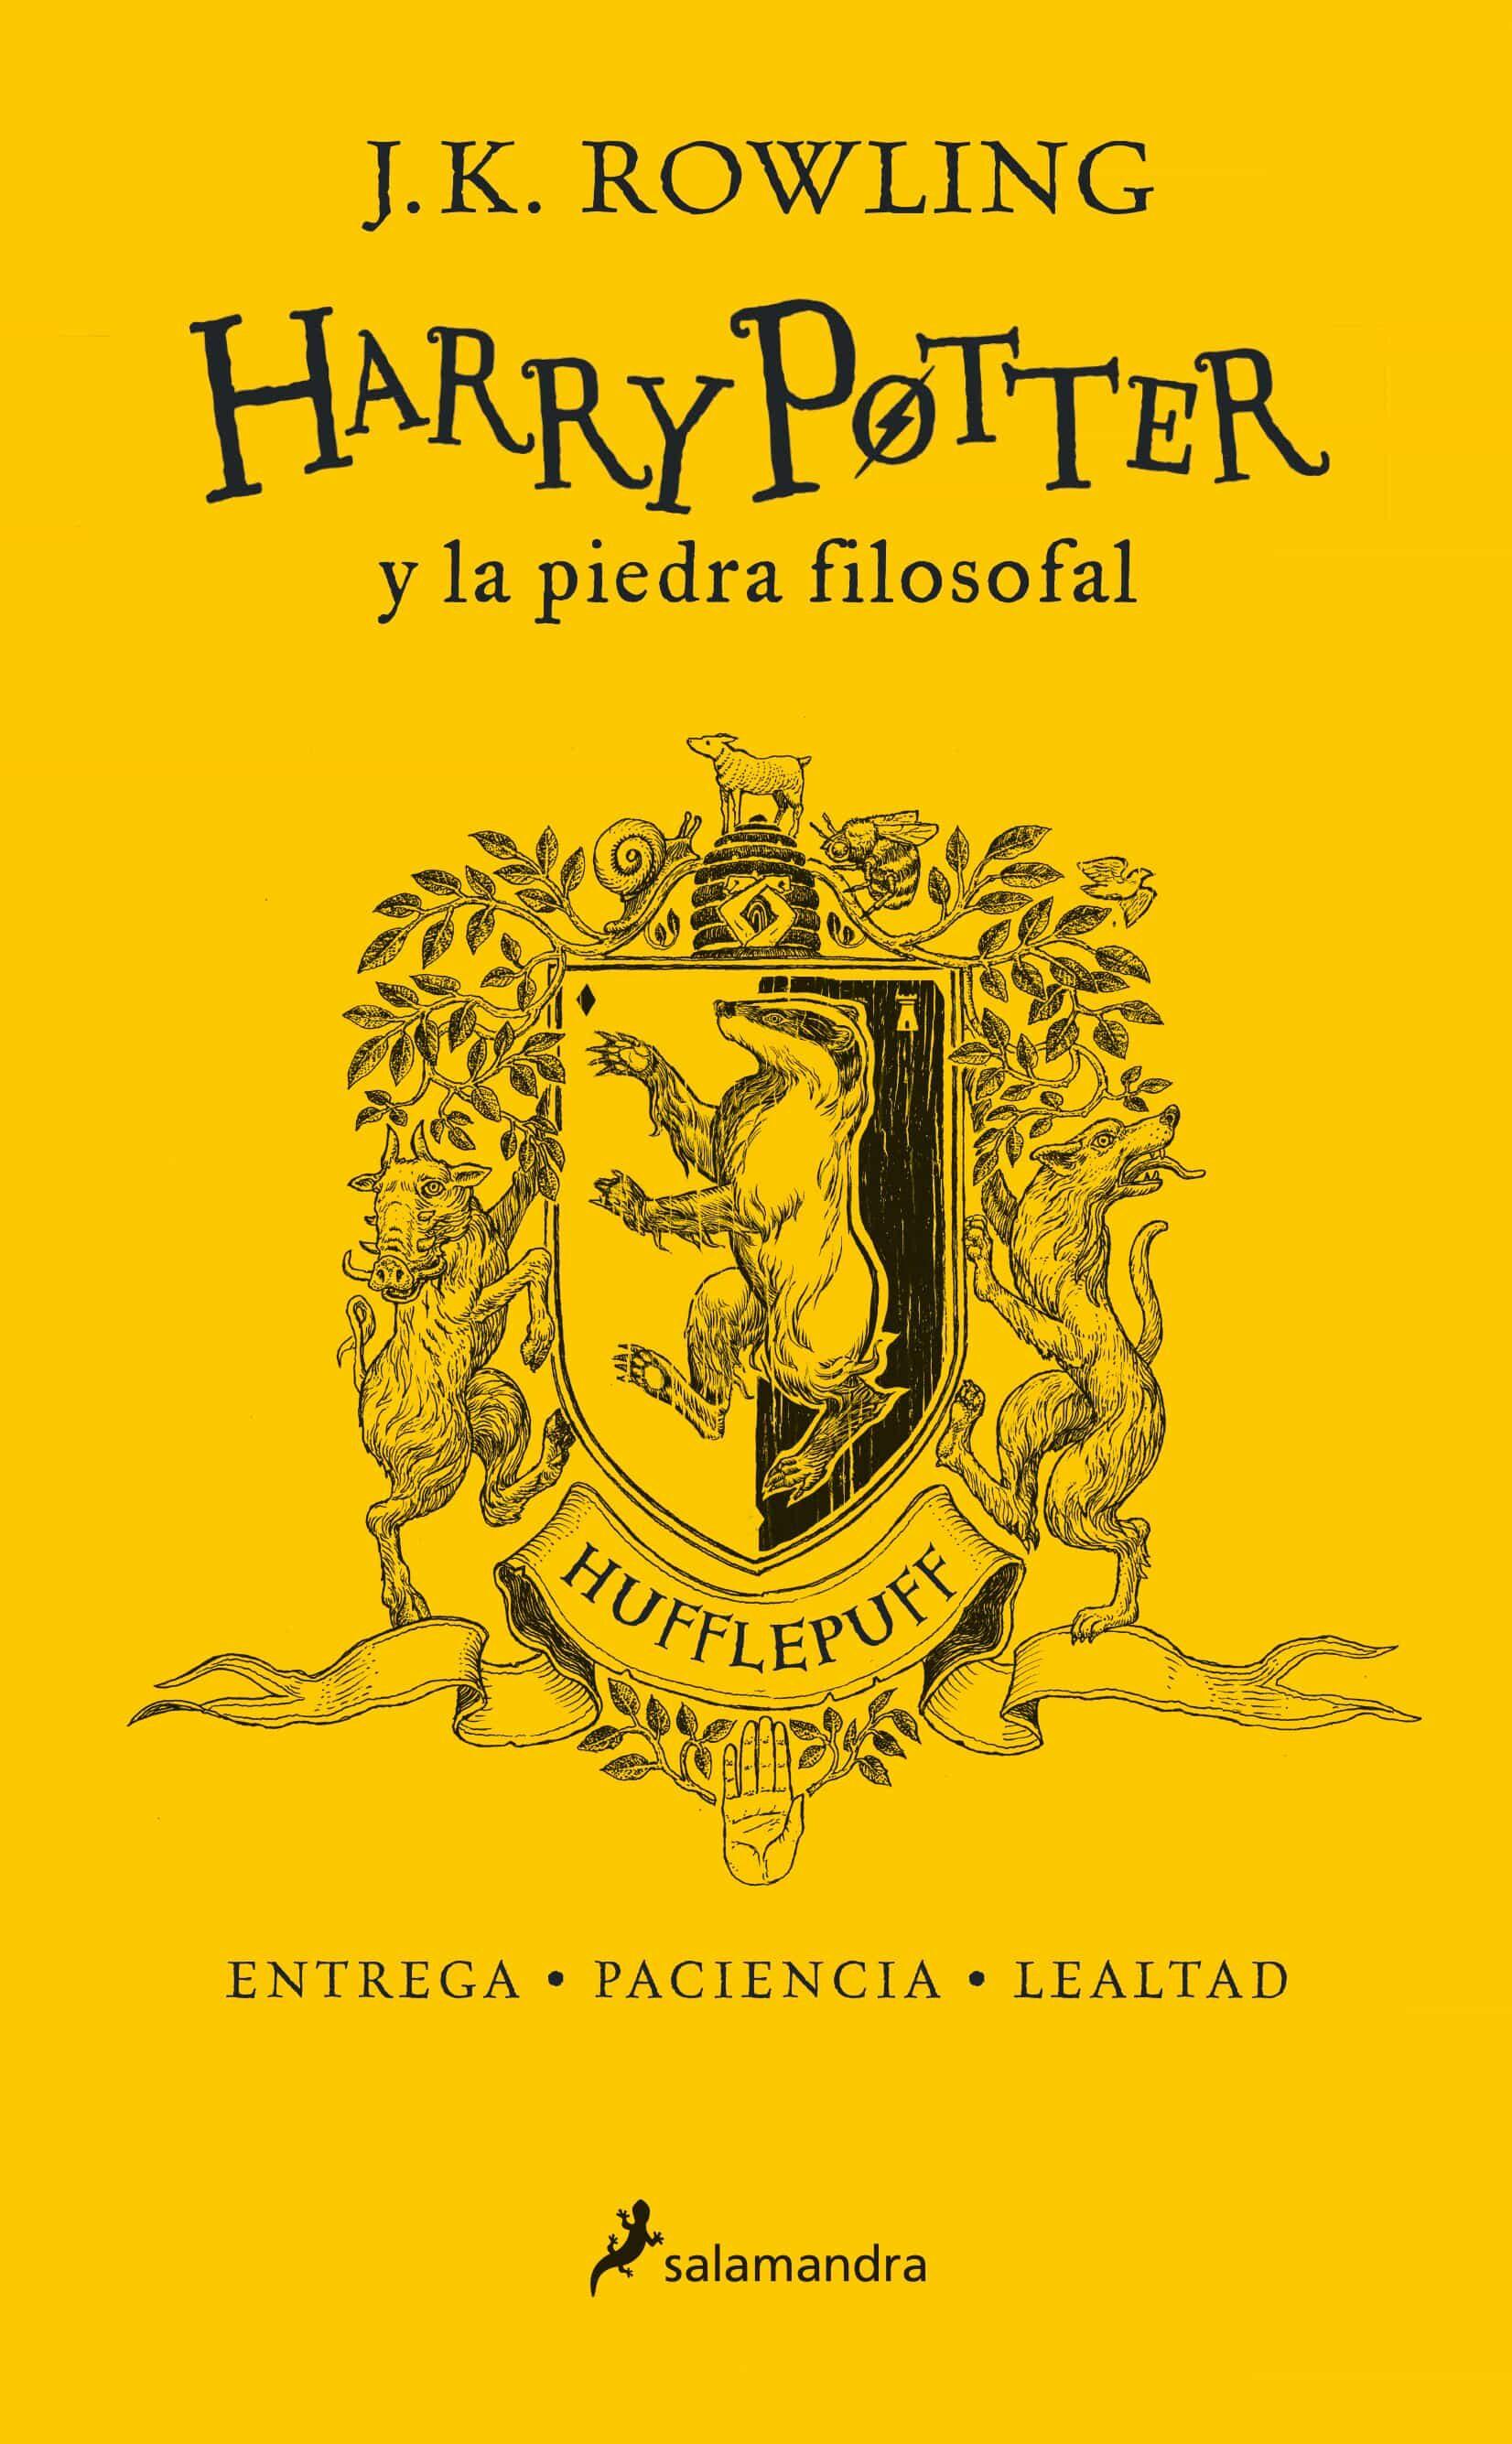 Edicion especila de Harry potter y la piedra filosofal